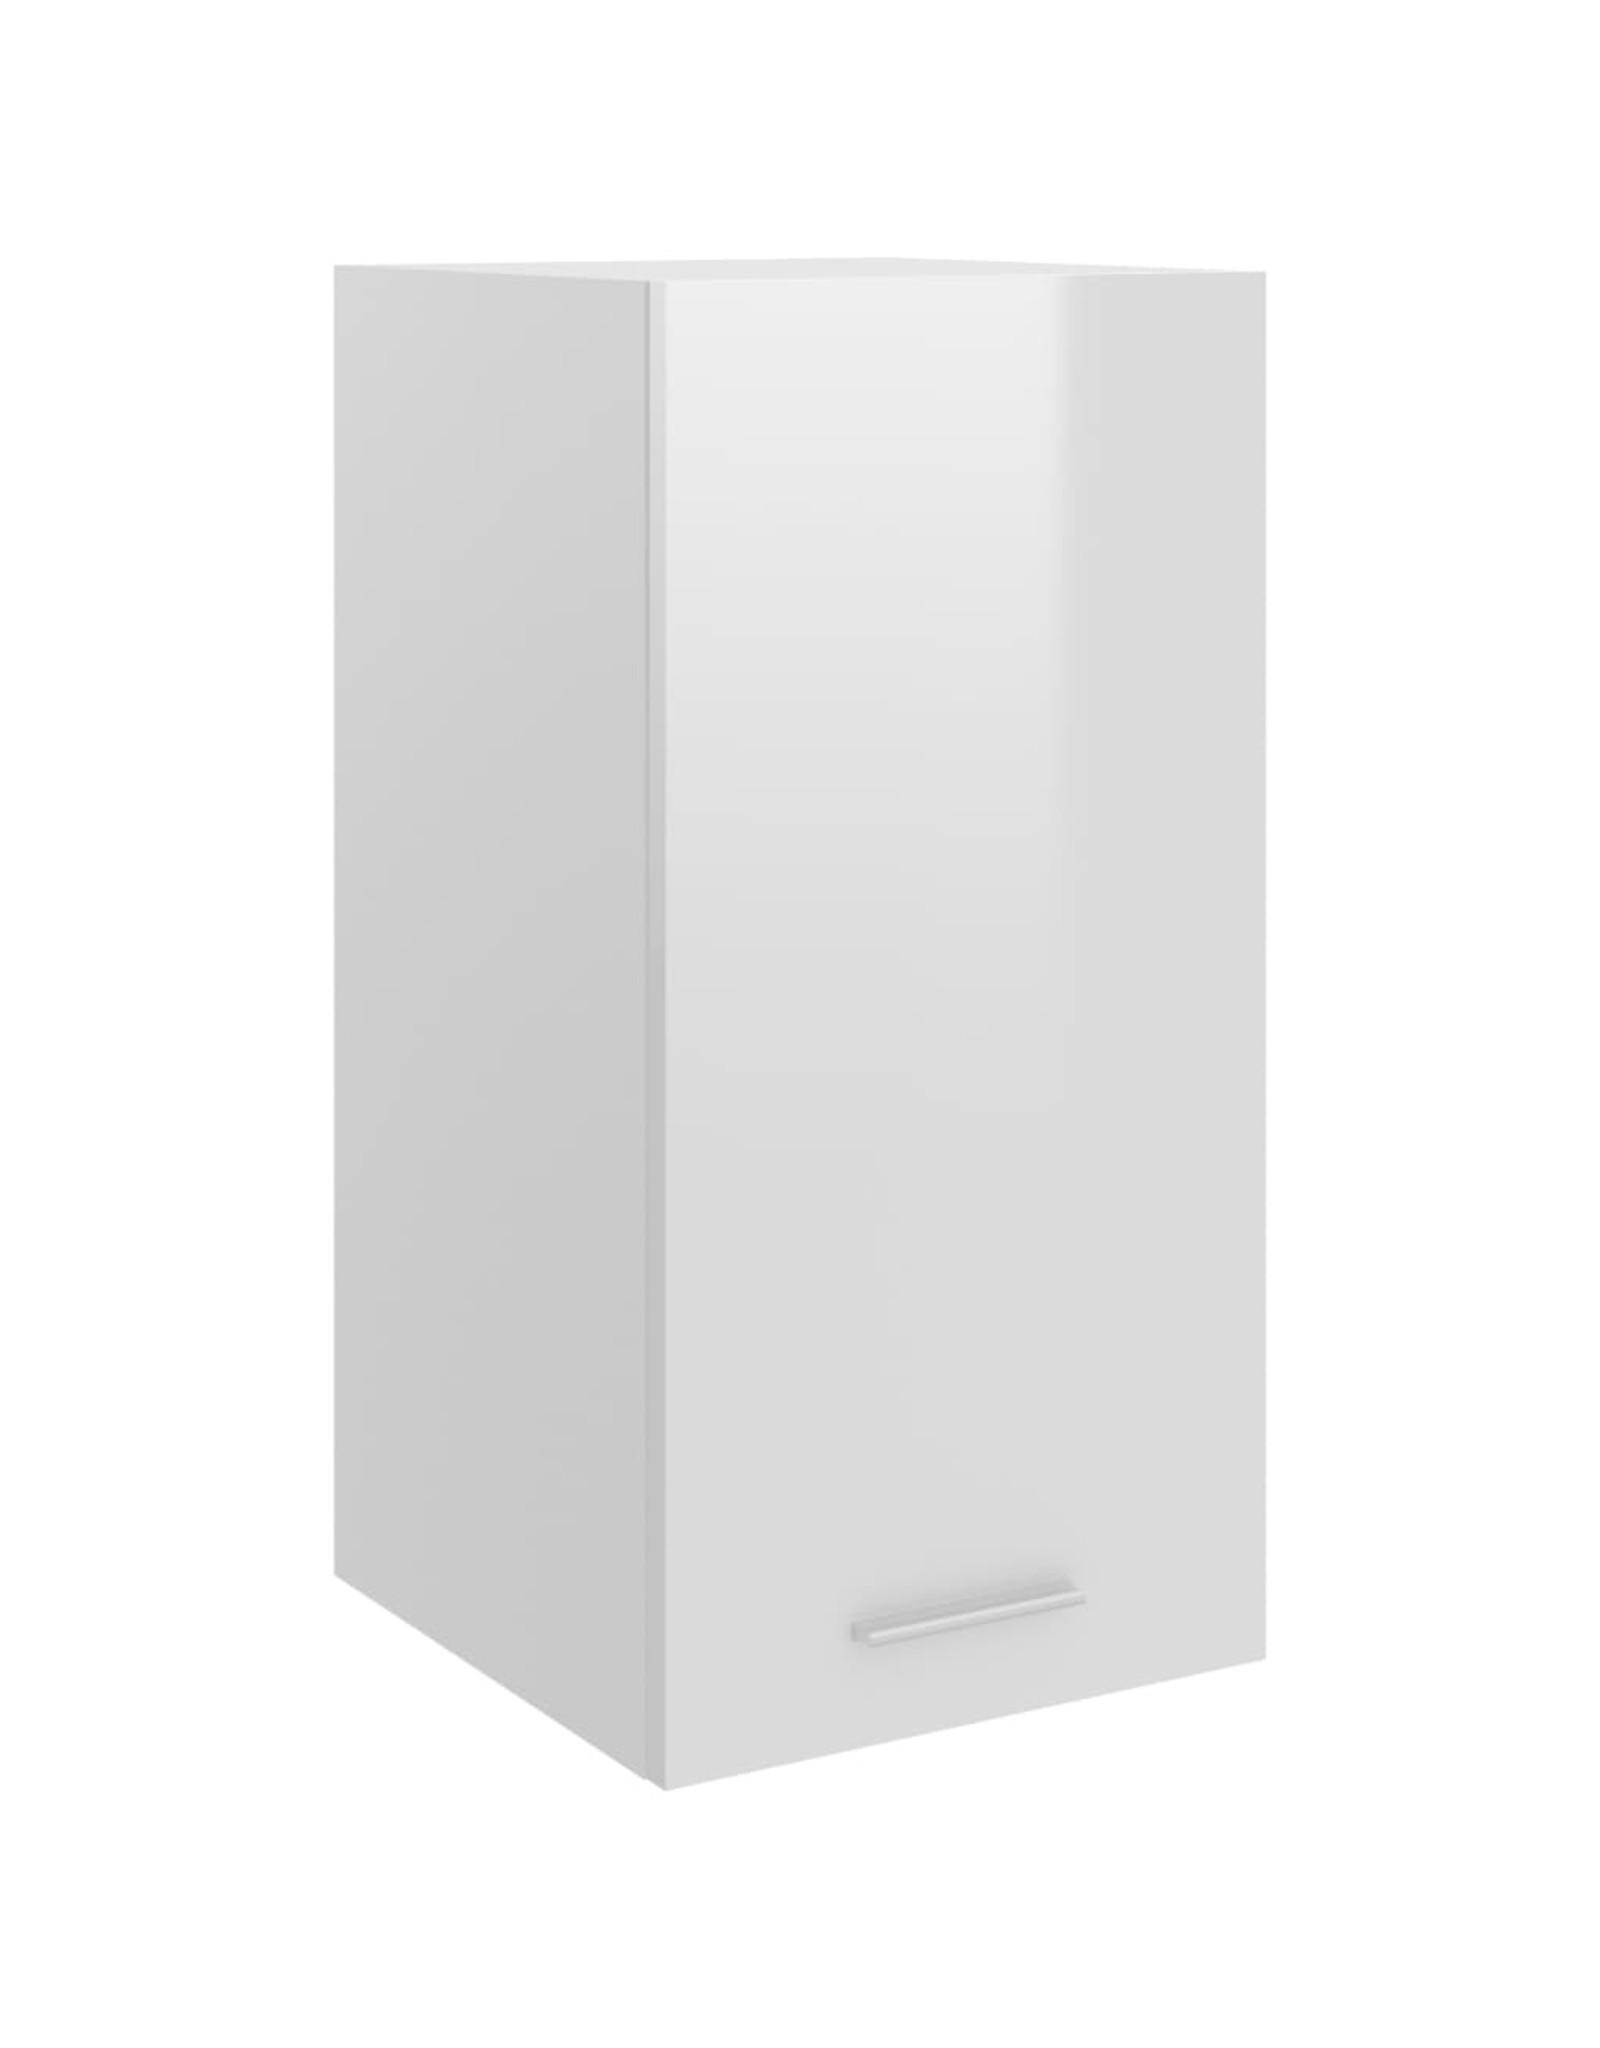 Hangkast 29,5x31x60 cm spaanplaat hoogglans wit